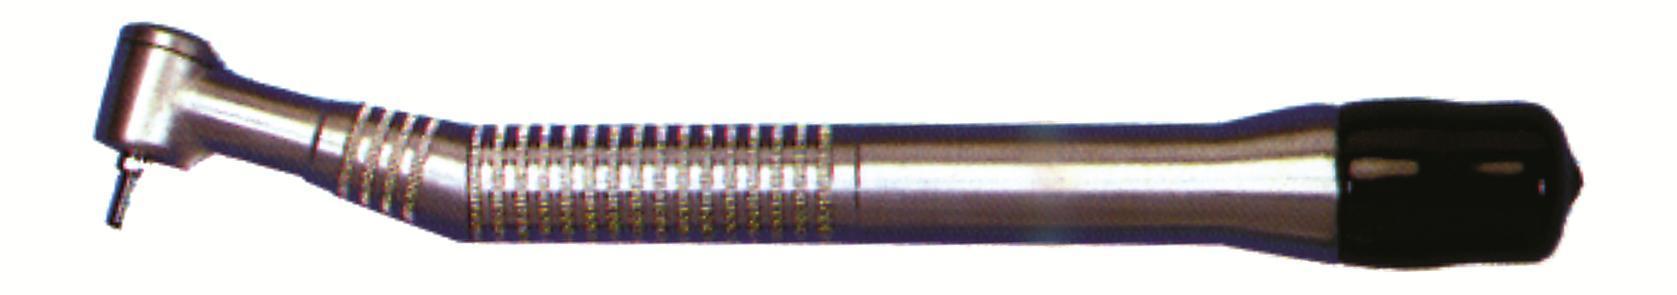 Наконечник турбинный FG TC-40 PB (2 отверстия BORDEN, Ключ, 400 000 об.мин.)